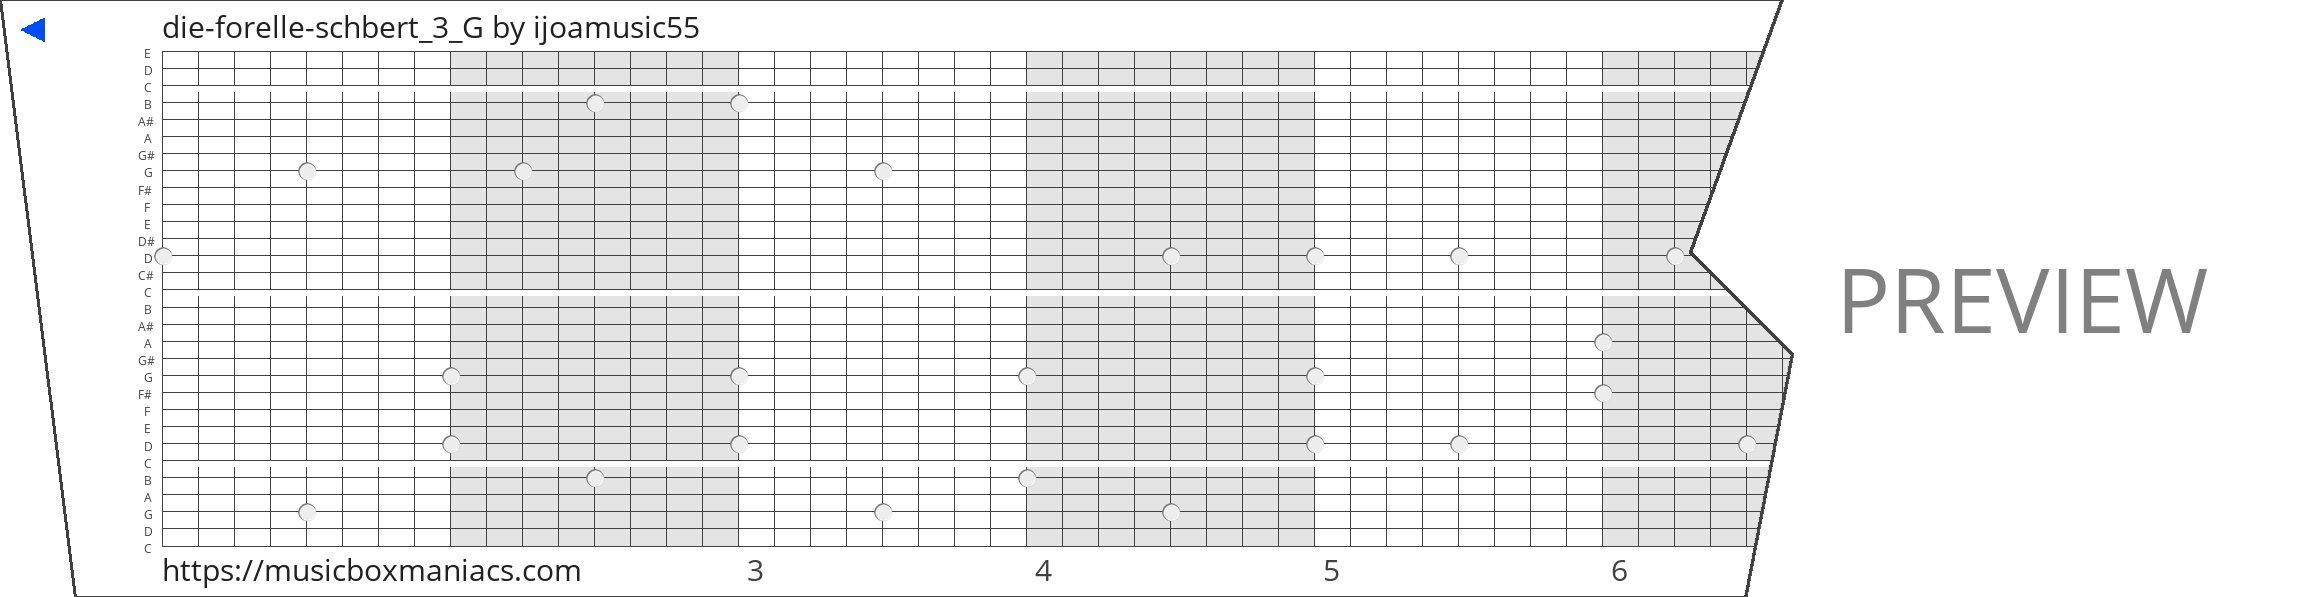 die-forelle-schbert_3_G 30 note music box paper strip